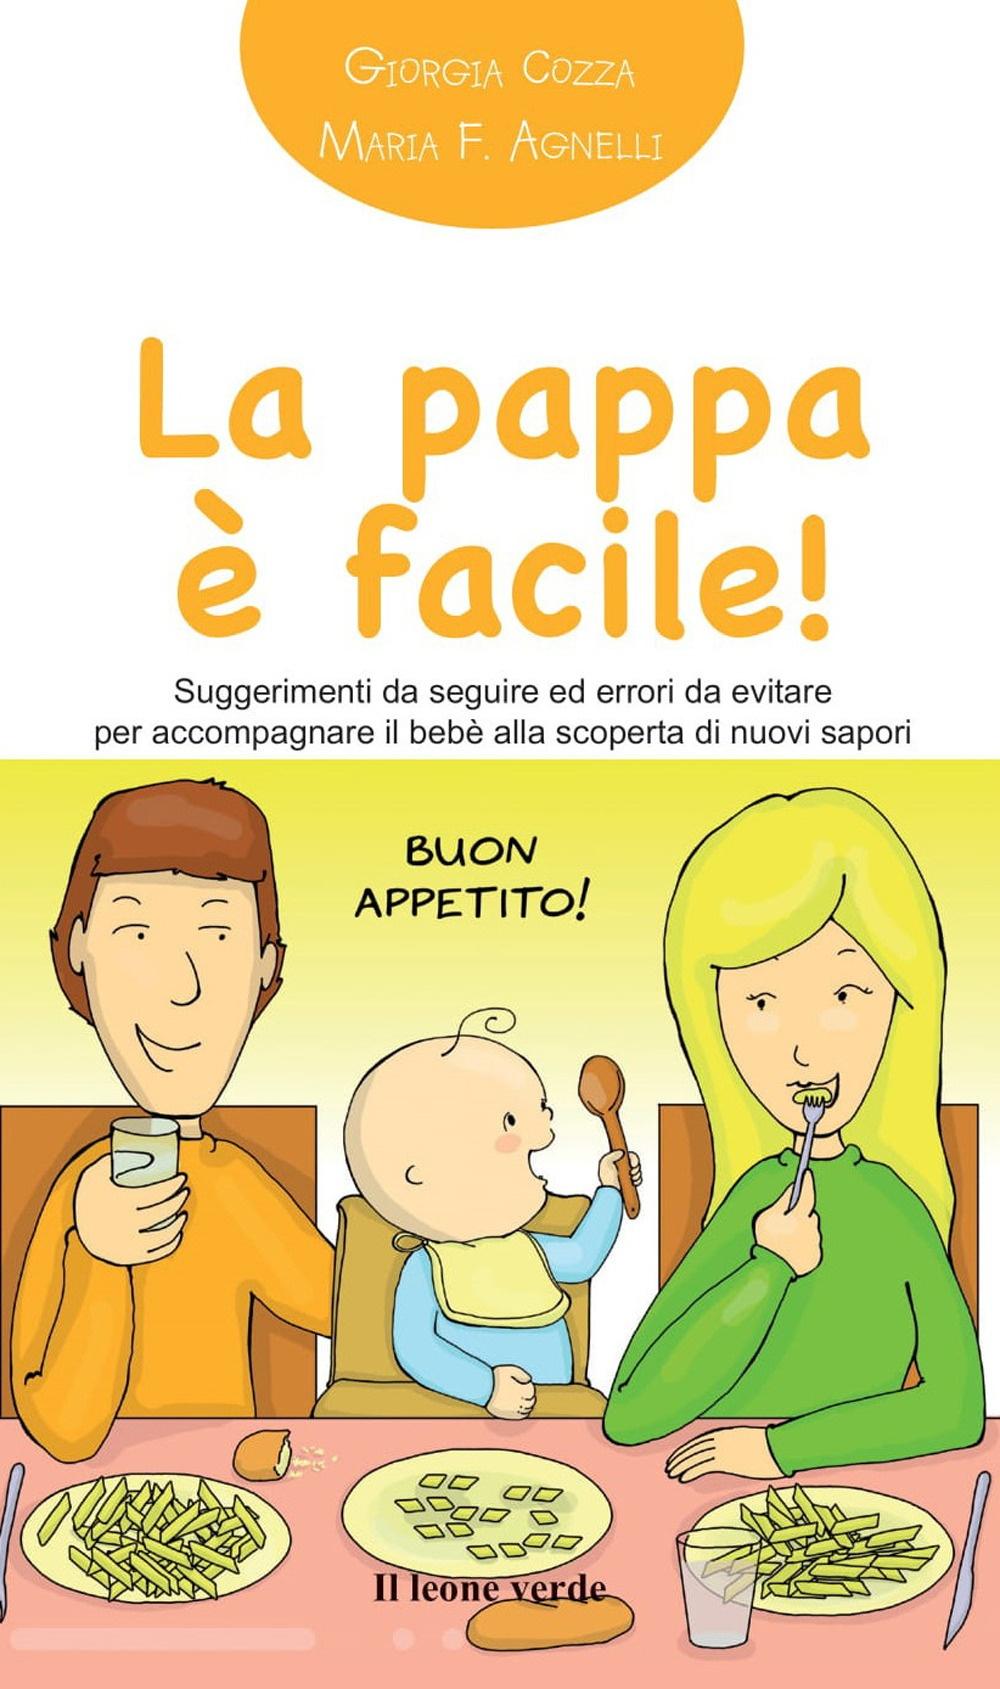 La pappa è facile! Suggerimenti da seguire ed errori da evitare per accompagnare il bebè alla scoperta di nuovi sapori.